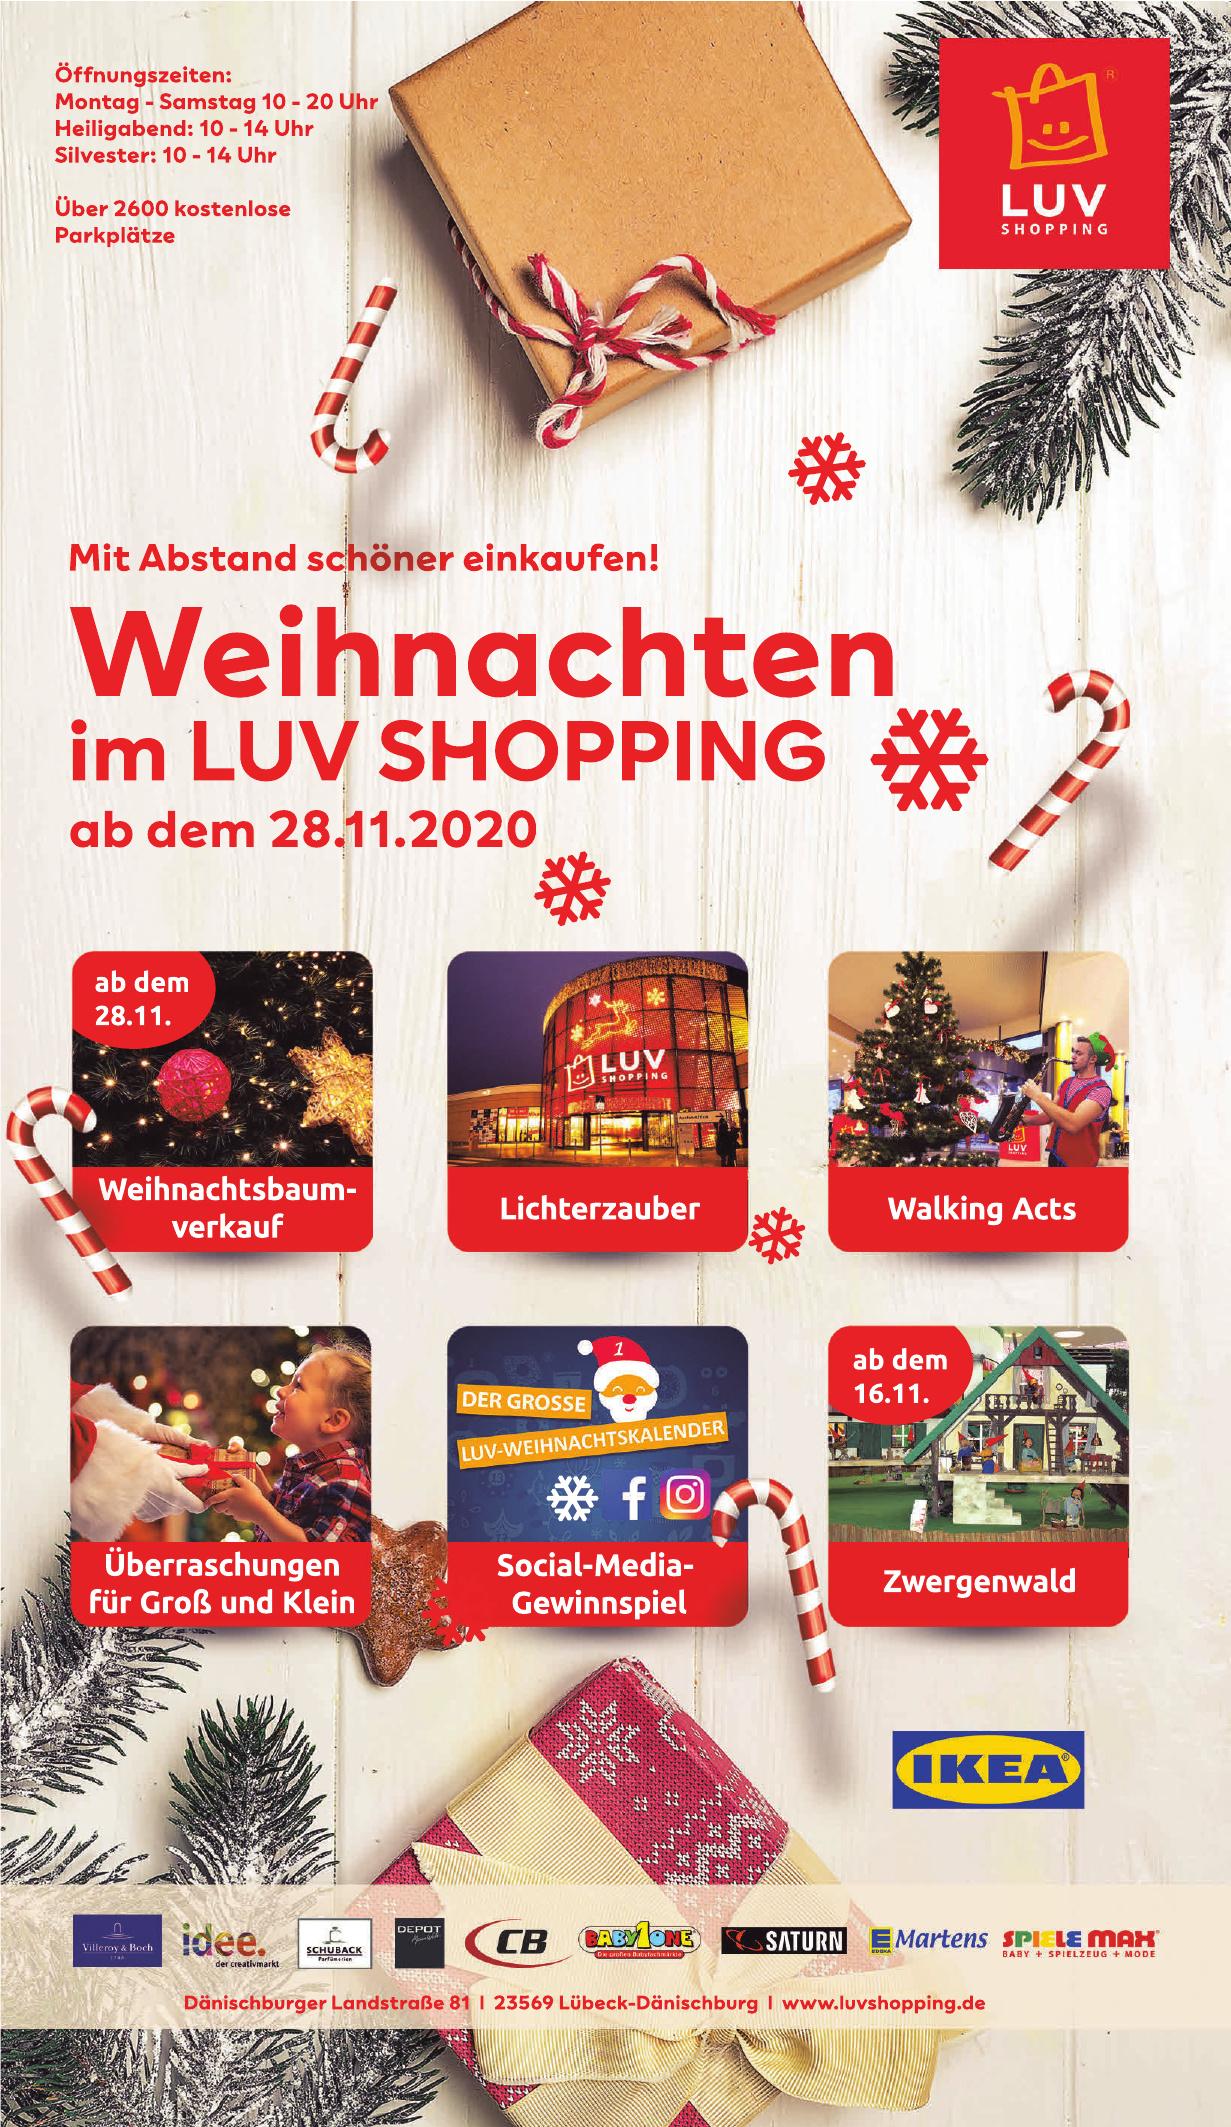 LUV Shopping